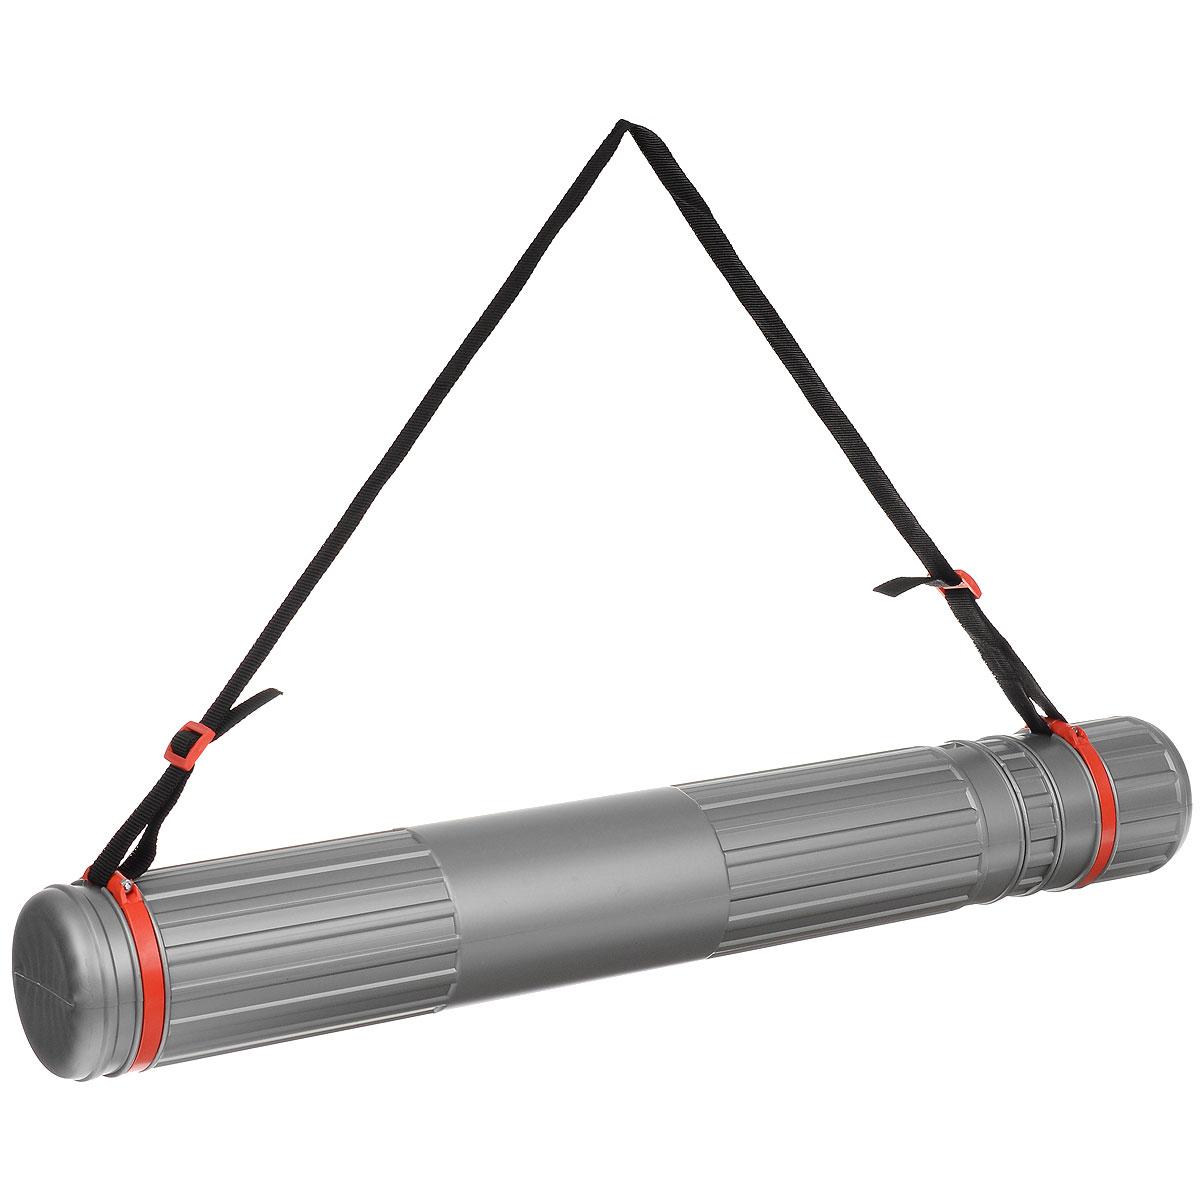 Тубус телескопический Стамм, на ремне, цвет: серый, красный, 9 cмFS-36052Телескопический тубус Стамм, выполненный в современном эргономичном дизайне, идеально подойдет для хранения и транспортировки чертежей и рисунков. Вместительность тубуса составляет до 12 листов формата А4-А0. Длина тубуса регулируется с помощью специальных замочков на корпусе. Тубус оснащен прочным ремнем и боковой крышкой, обеспечивающей быстрый доступ к чертежам и рисункам.Эргономичный телескопический тубус будет незаменим для студентов и офисных работников.Диаметр тубуса: 9 см. Длина тубуса: 64-107,5 см.